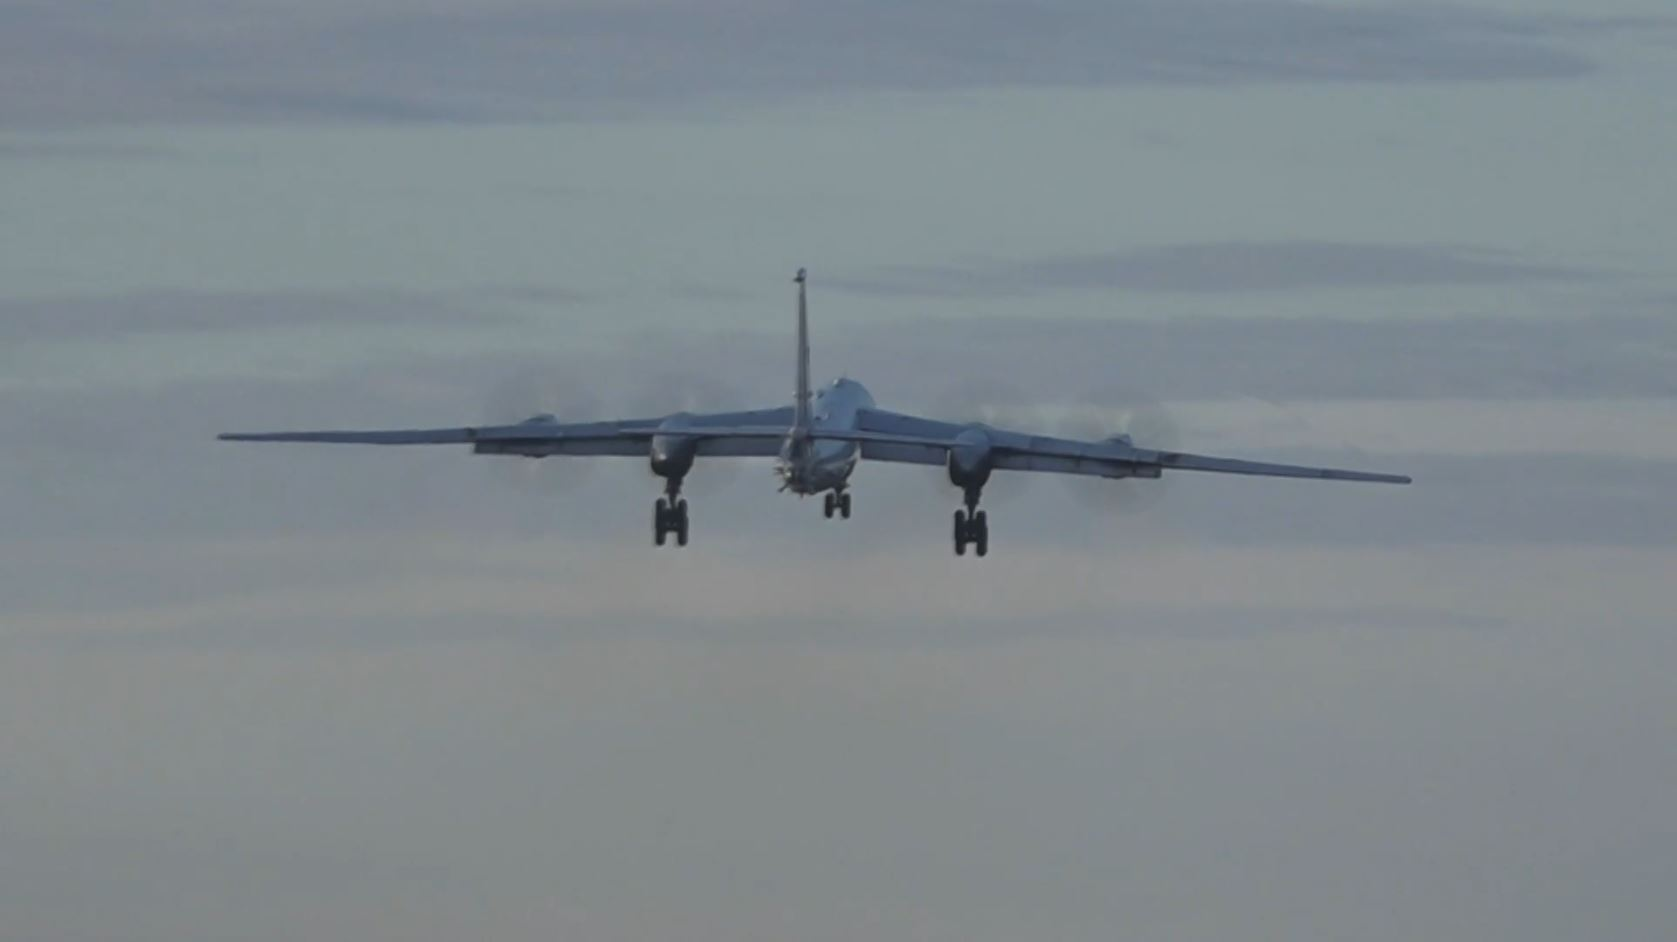 طائرات مضادة للغواصات تابعة لوزارة الدفاع الروسية تحلق فوق المحيط الهادئ!